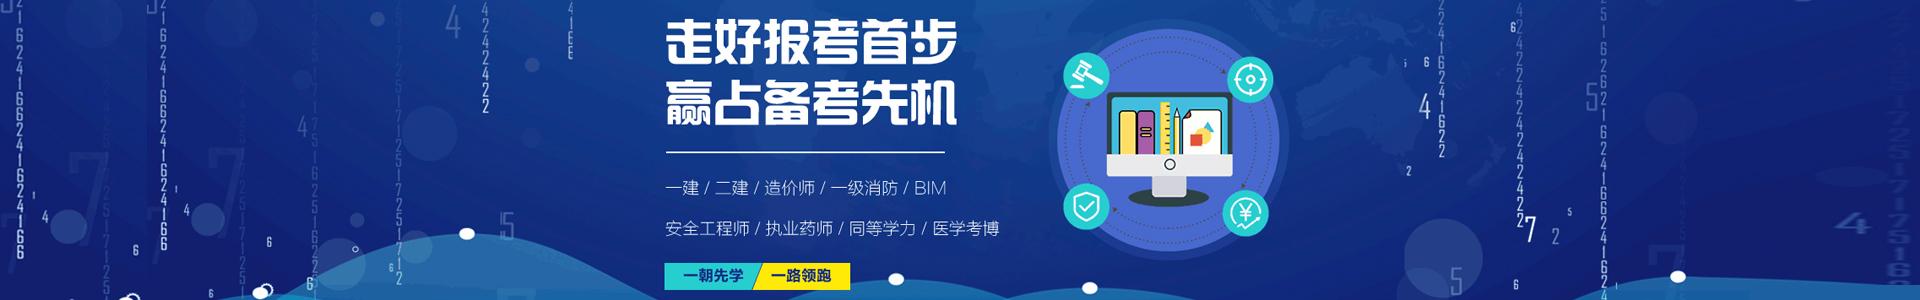 上海優路教育